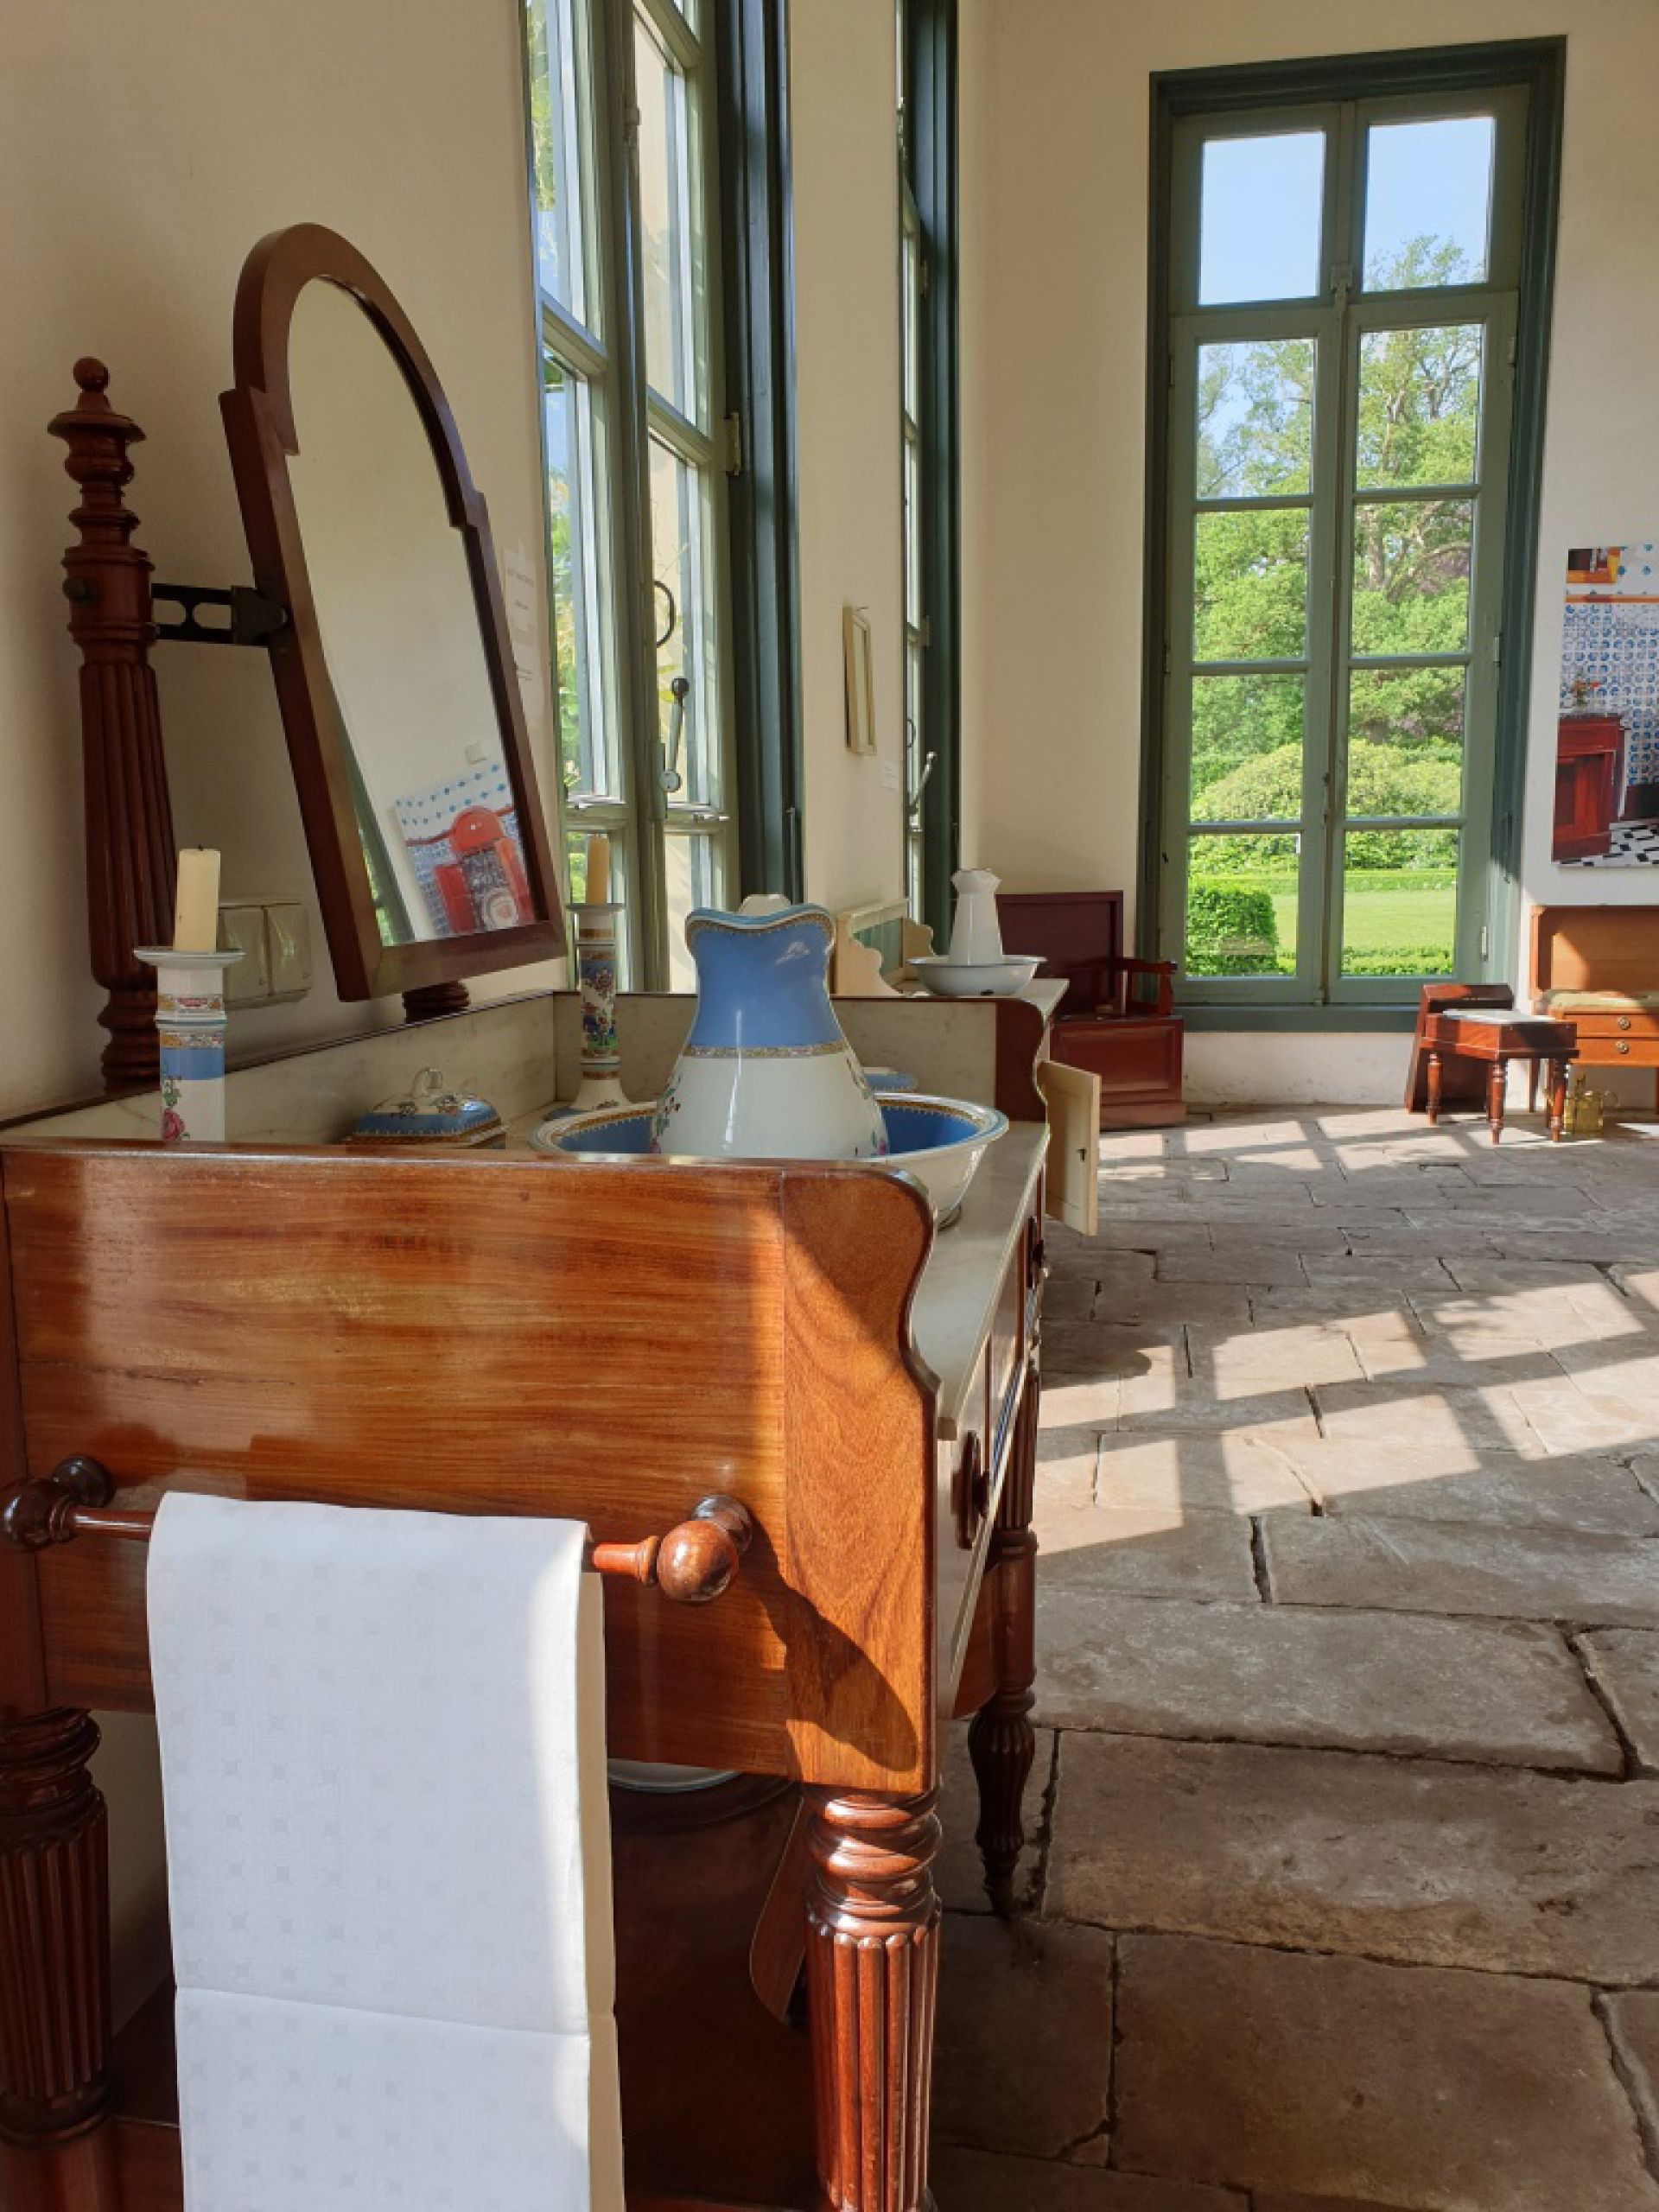 Twickel maakt Toilet te zien tot en met 29 september